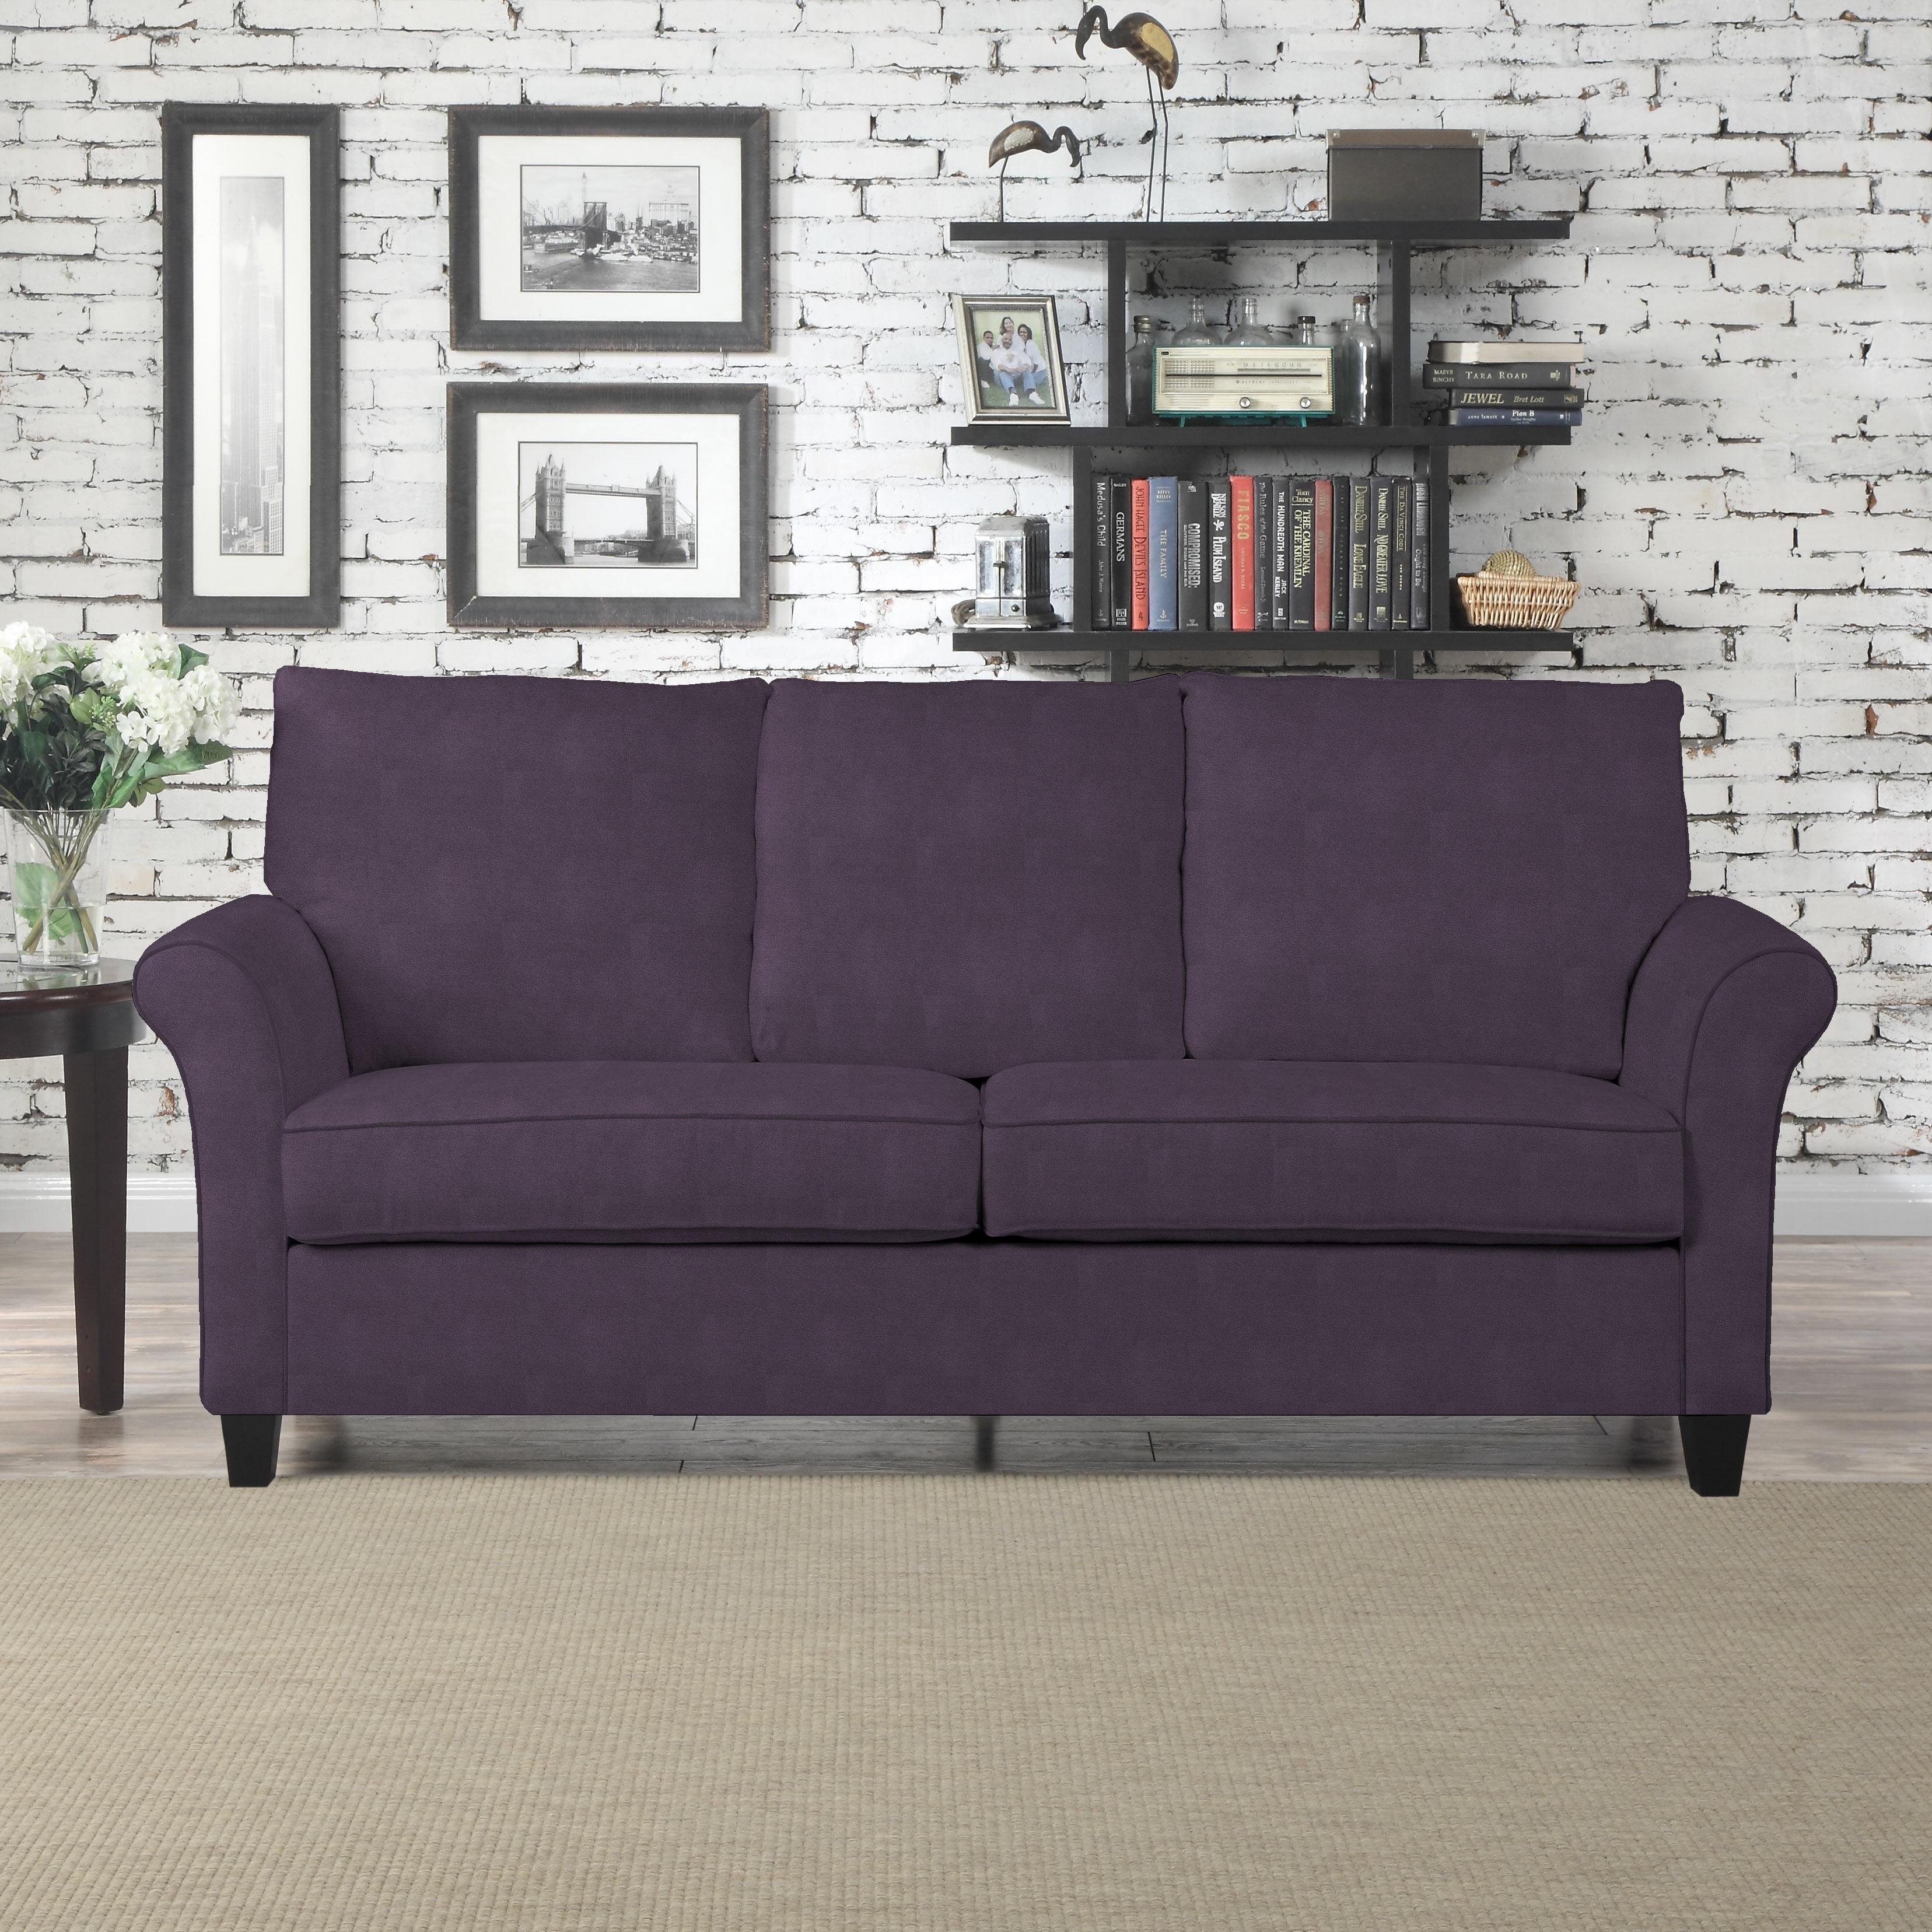 Den Pope Street Plum Velvet Sofast Sofa